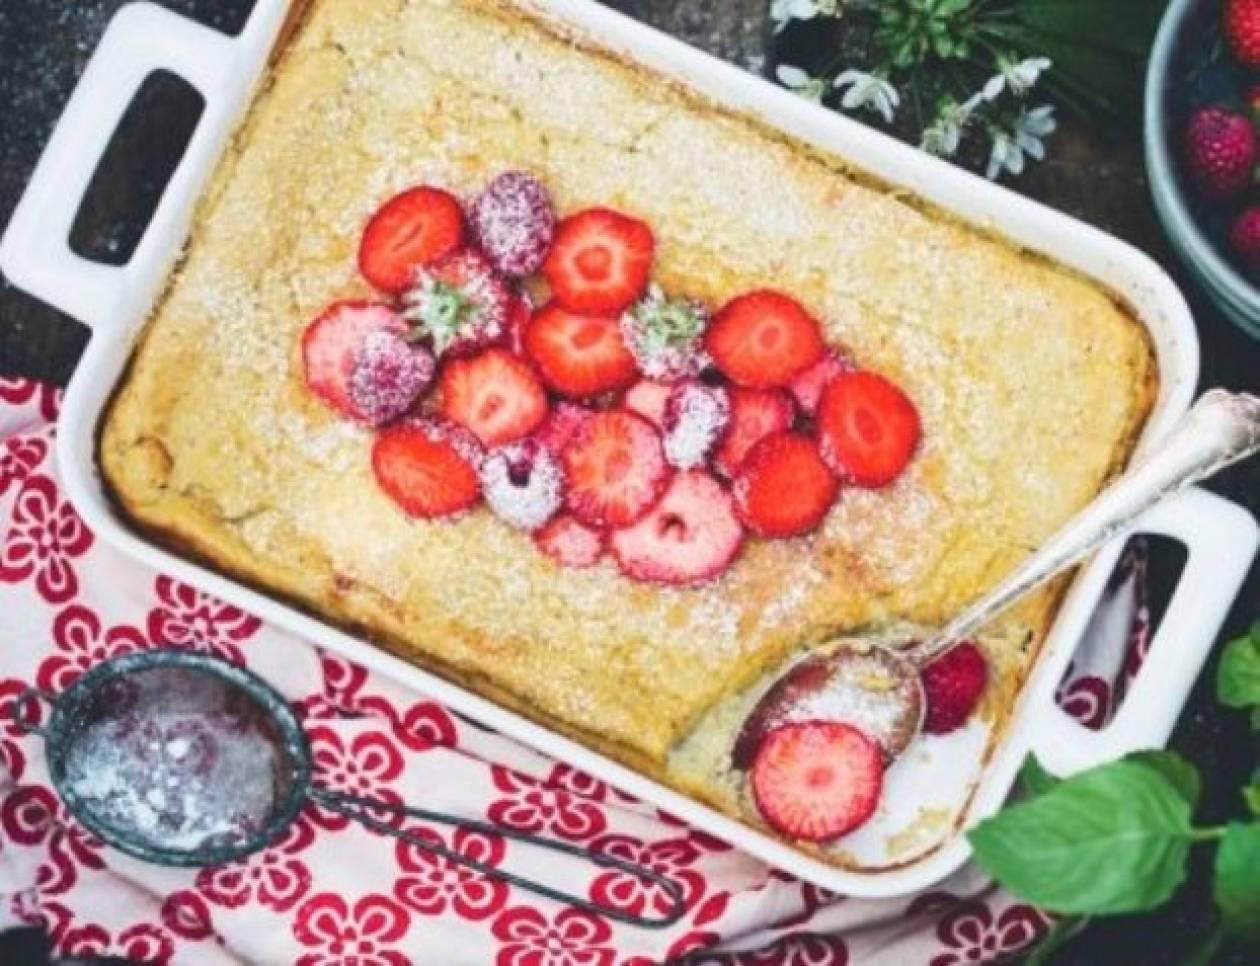 Pancake στο φούρνο: Πιο παχύ, πιο αφράτο, πιο λαχταριστό